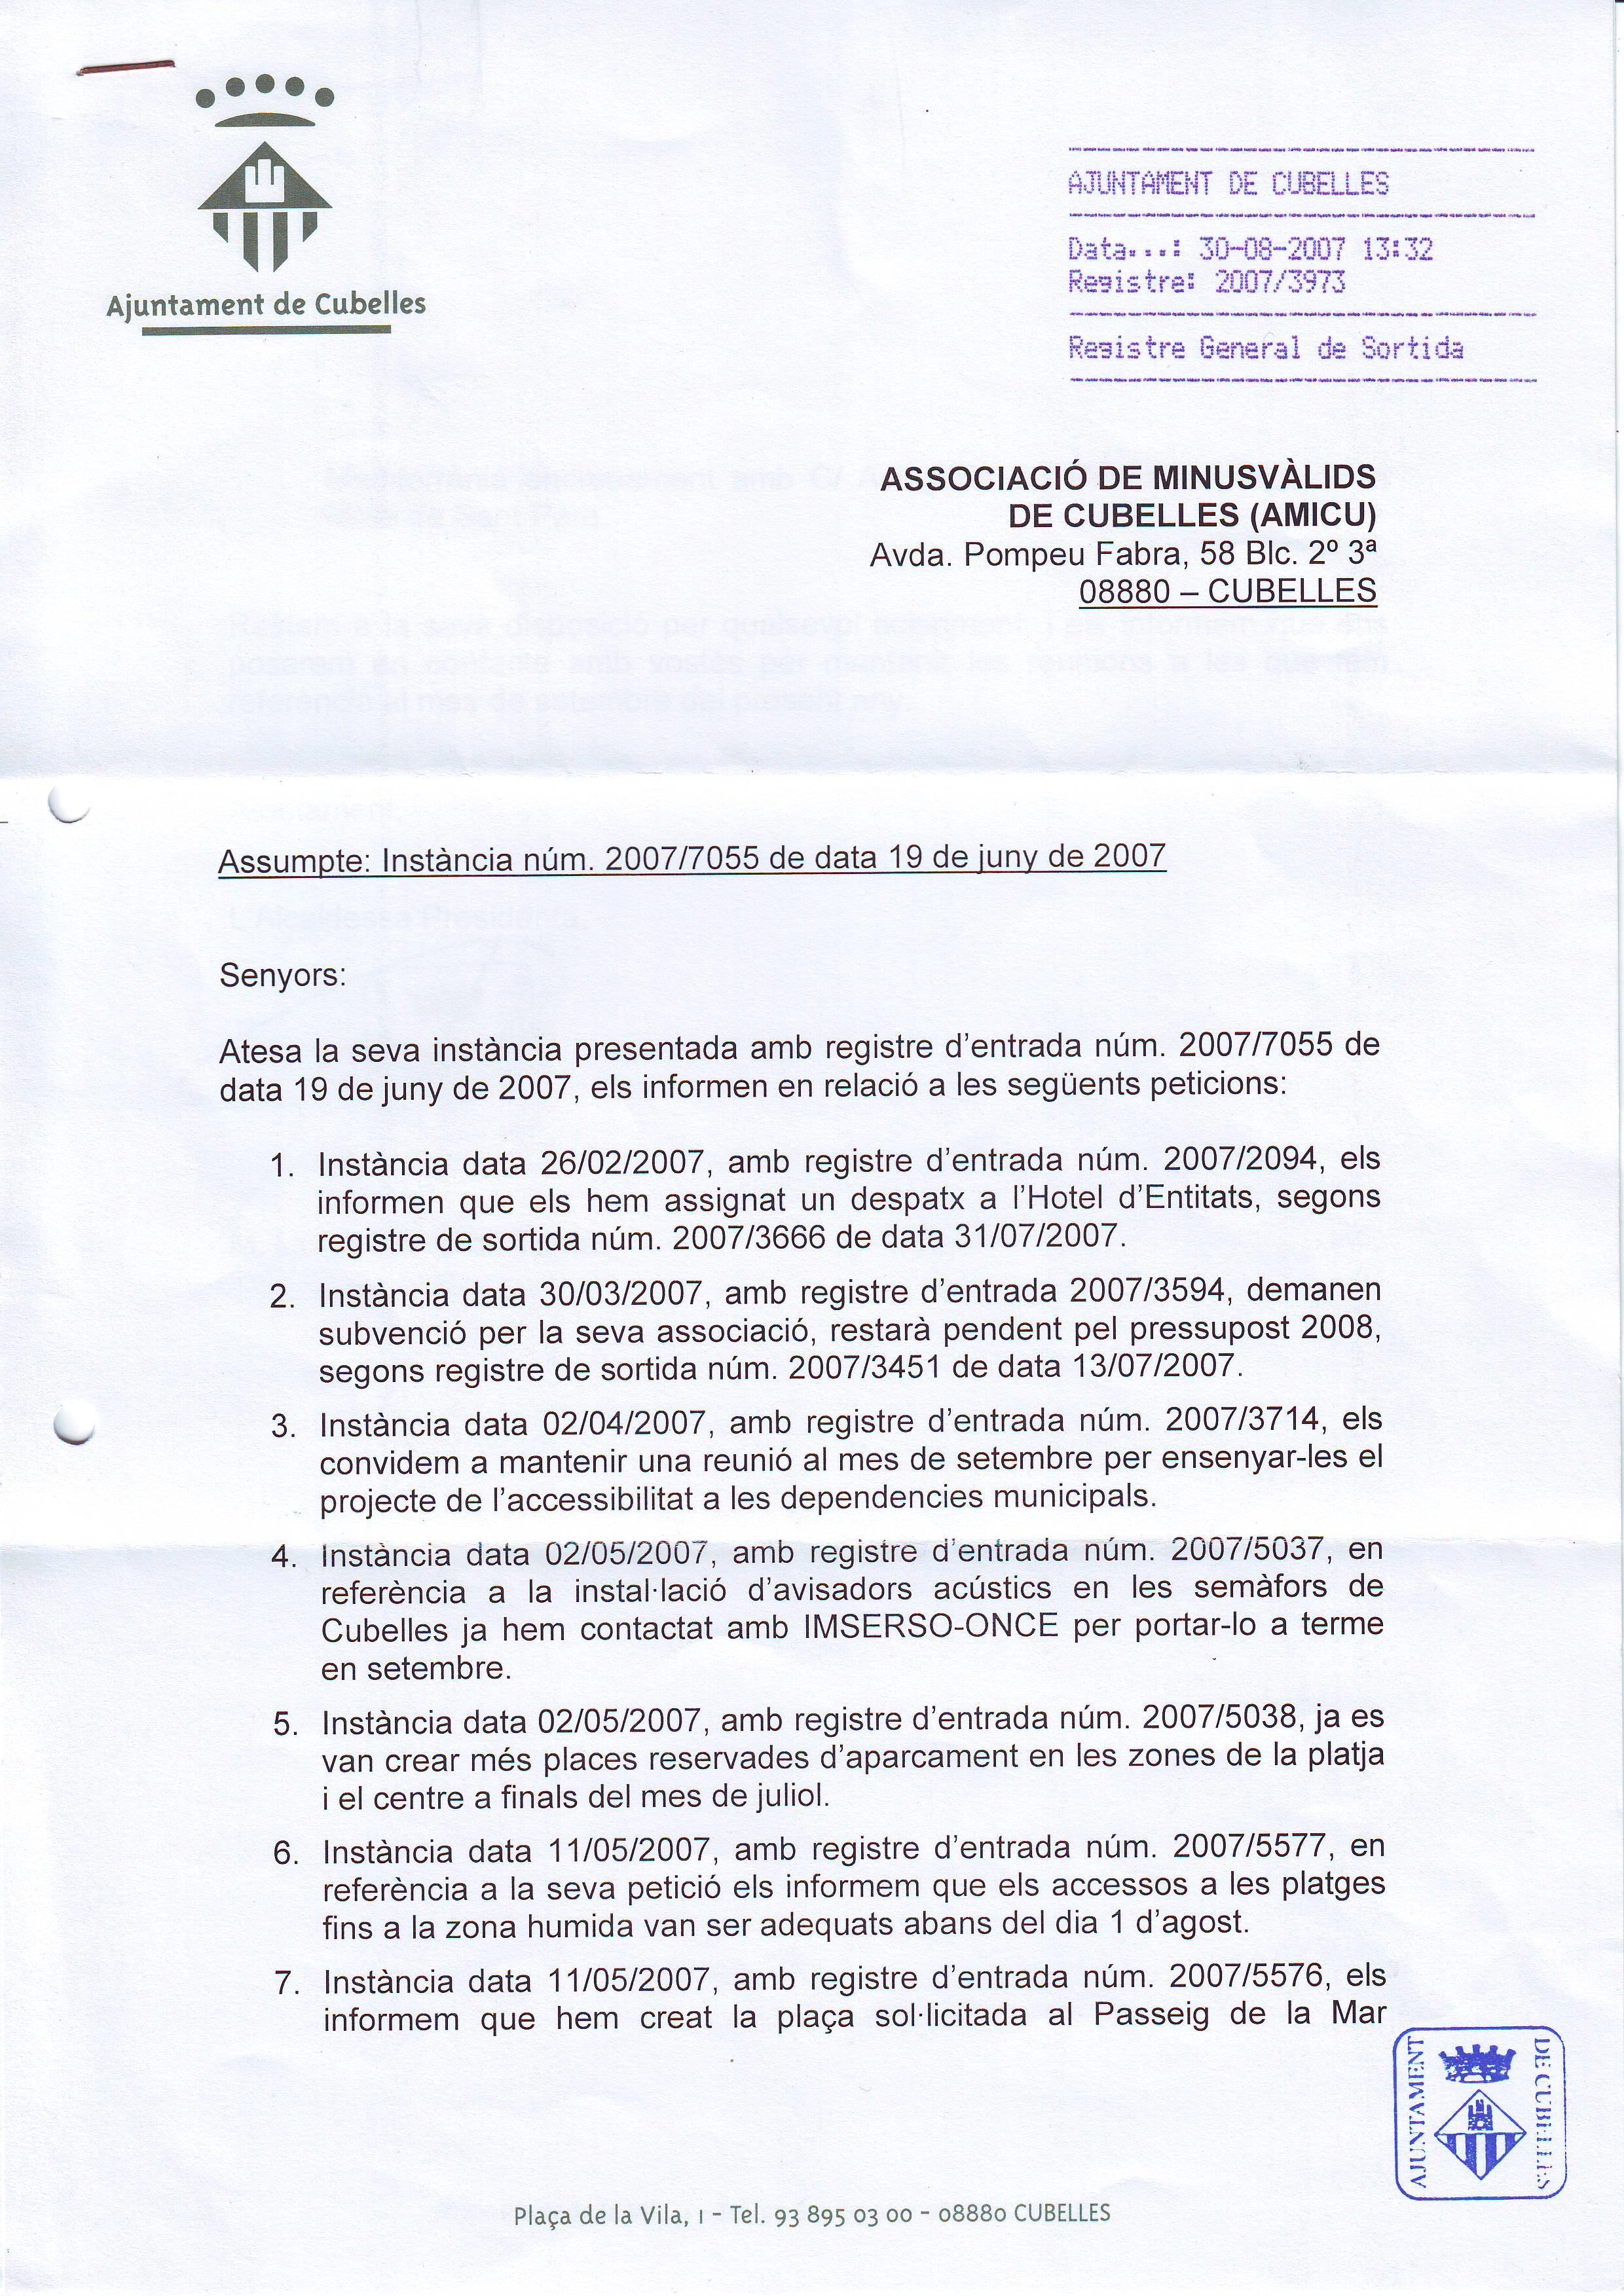 RESPUESTAS A INSTANCIA - 1 - RESPUESTA A VARIAS INSTANCIAS - 30-08-2008